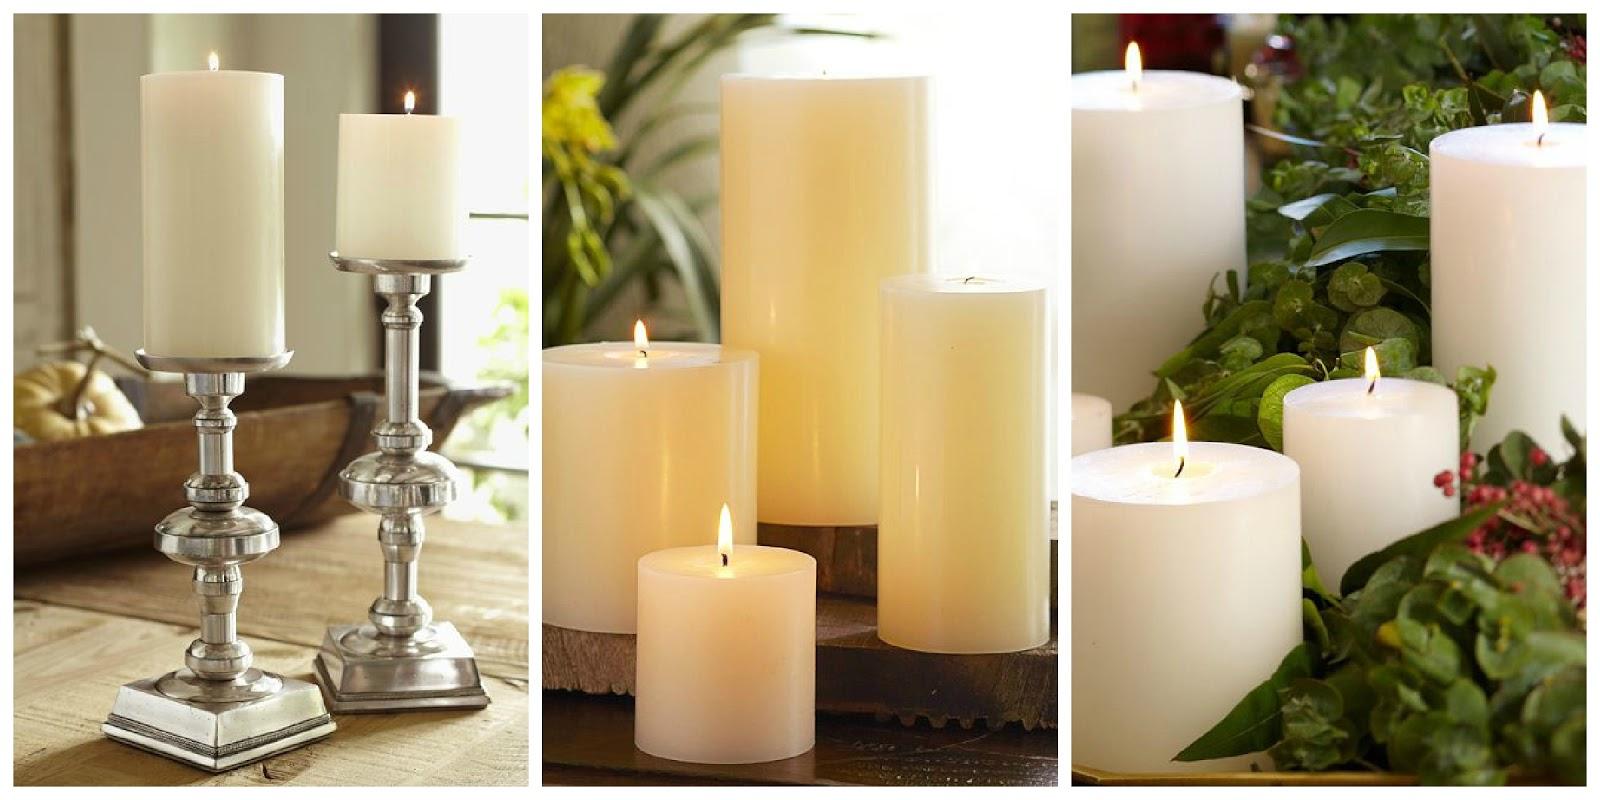 Il giardino di fasti floreali decorazioni natalizie - Decorazioni natalizie con candele ...